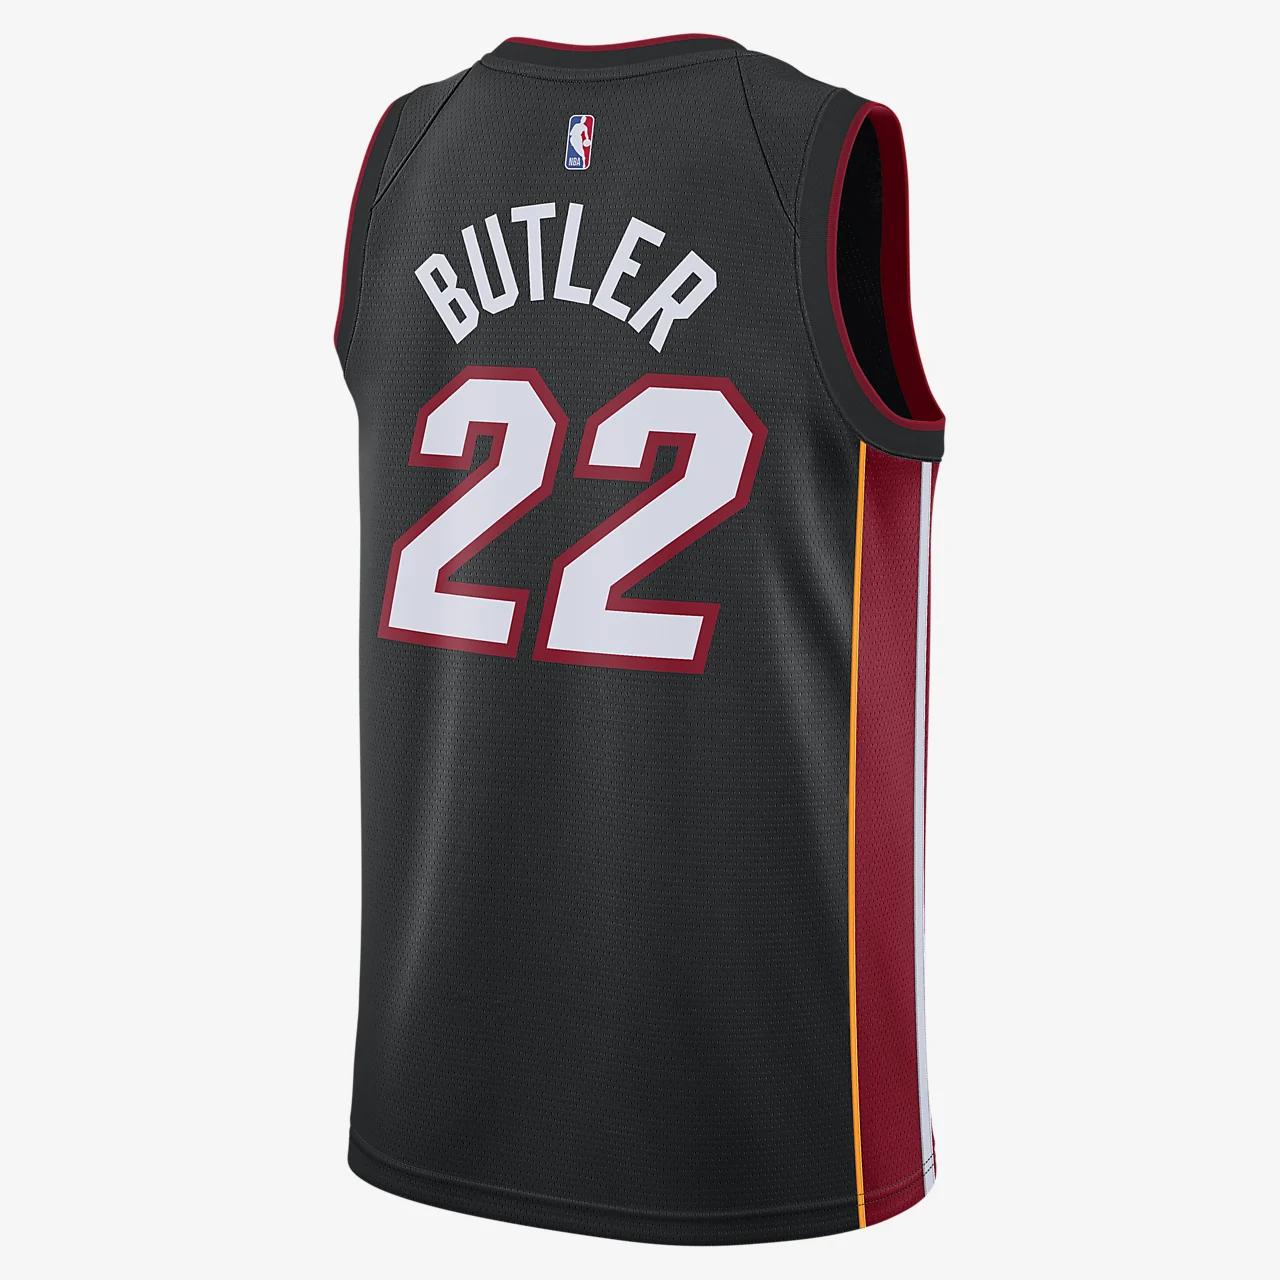 지미 버틀러 히트 아이콘 에디션 나이키 NBA 스윙맨 저지 864487-027